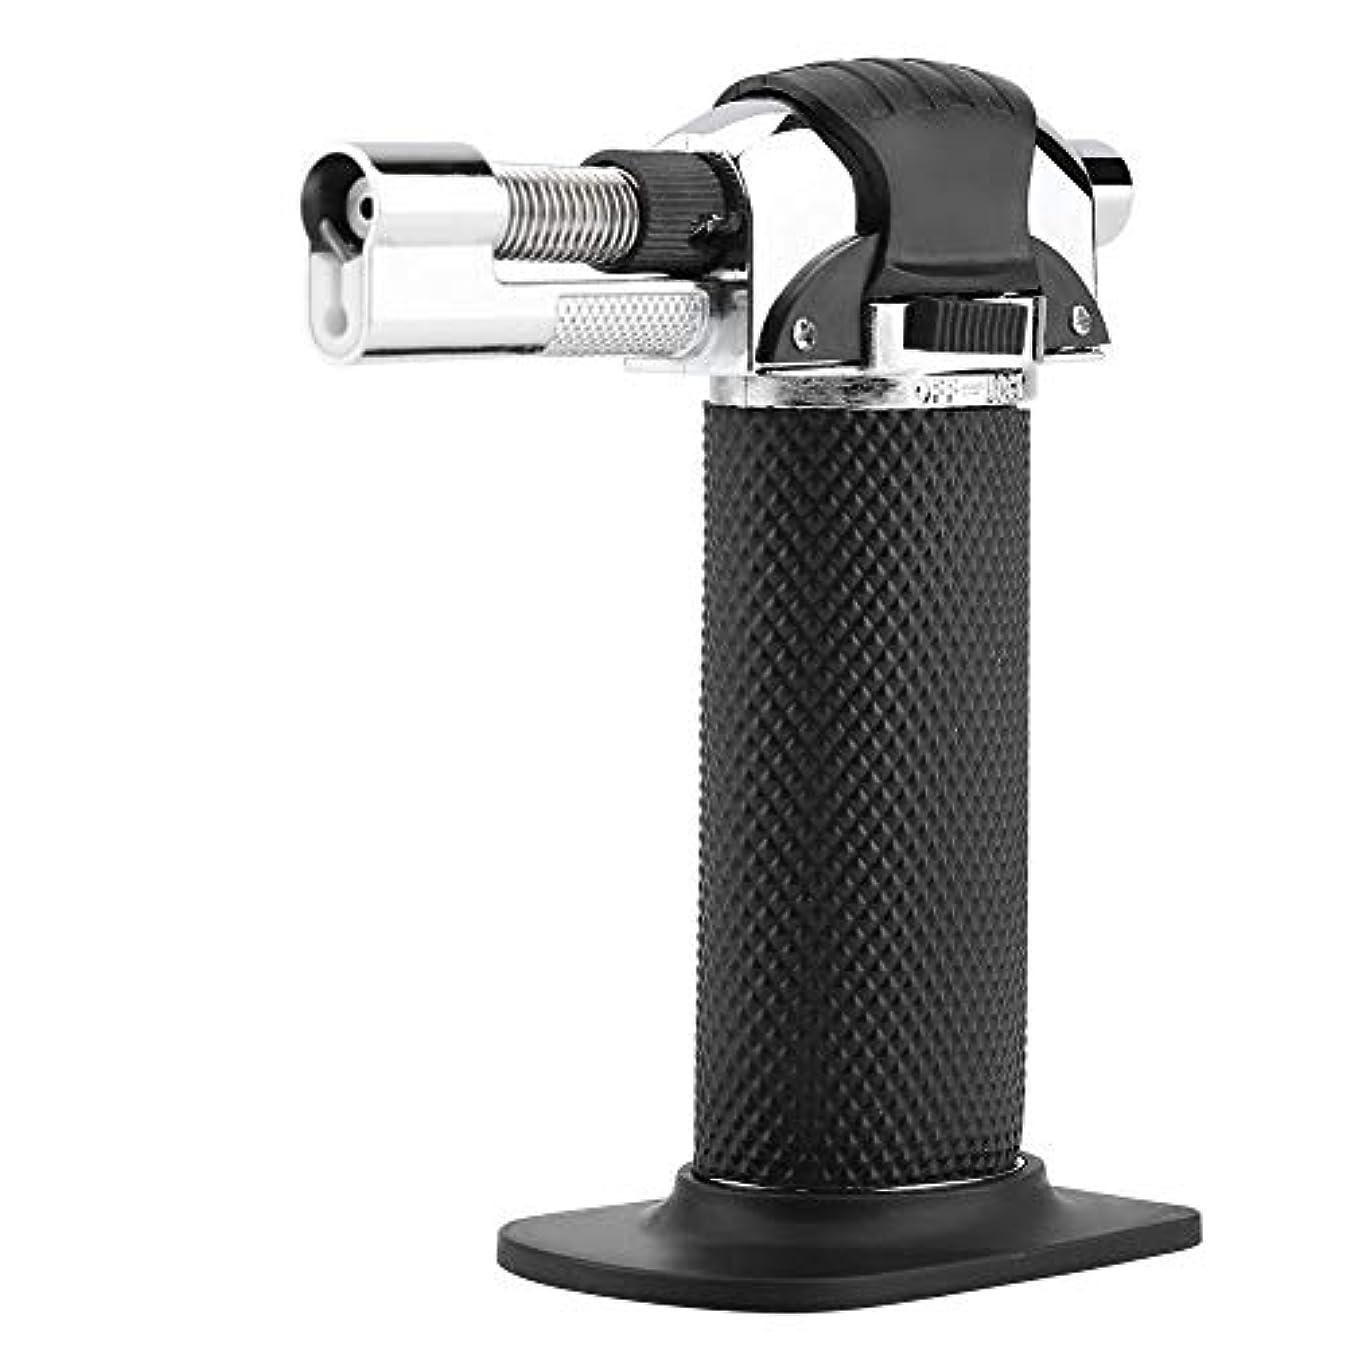 リダクターマーキー全国Qiilu ガスライター ターボライター 防風ライター BBQライター 炎自由調整 安全ロック付き 軽量デザイン 充填式 キャンプ 旅行 バーベキュー最適 ケース付き